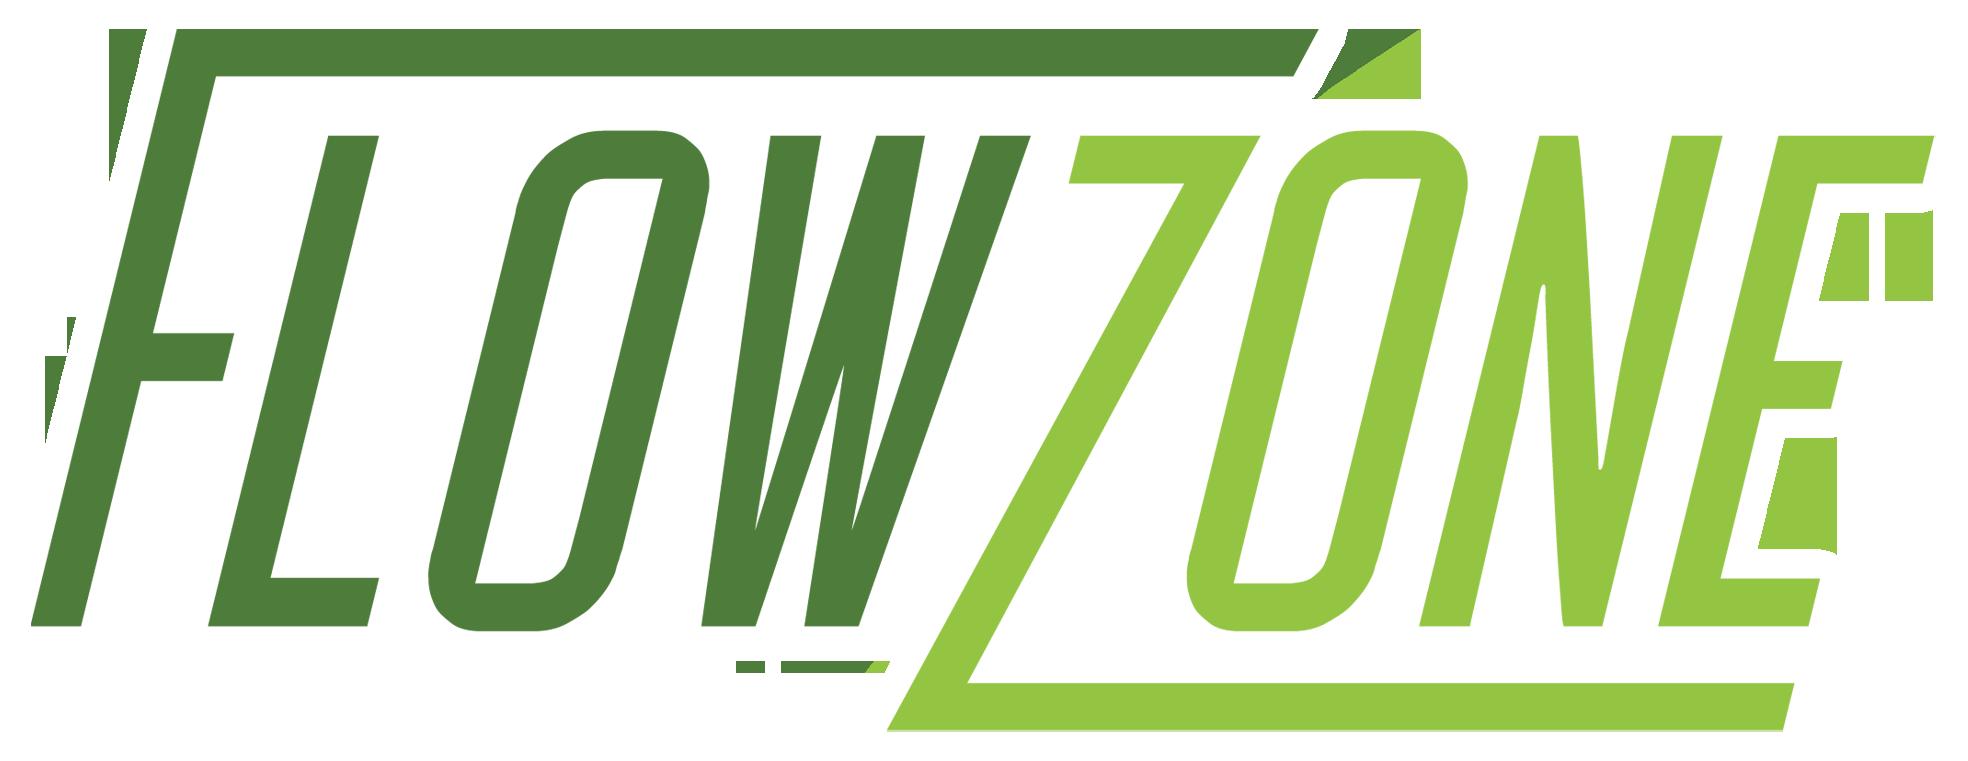 FlowZone logo with white border